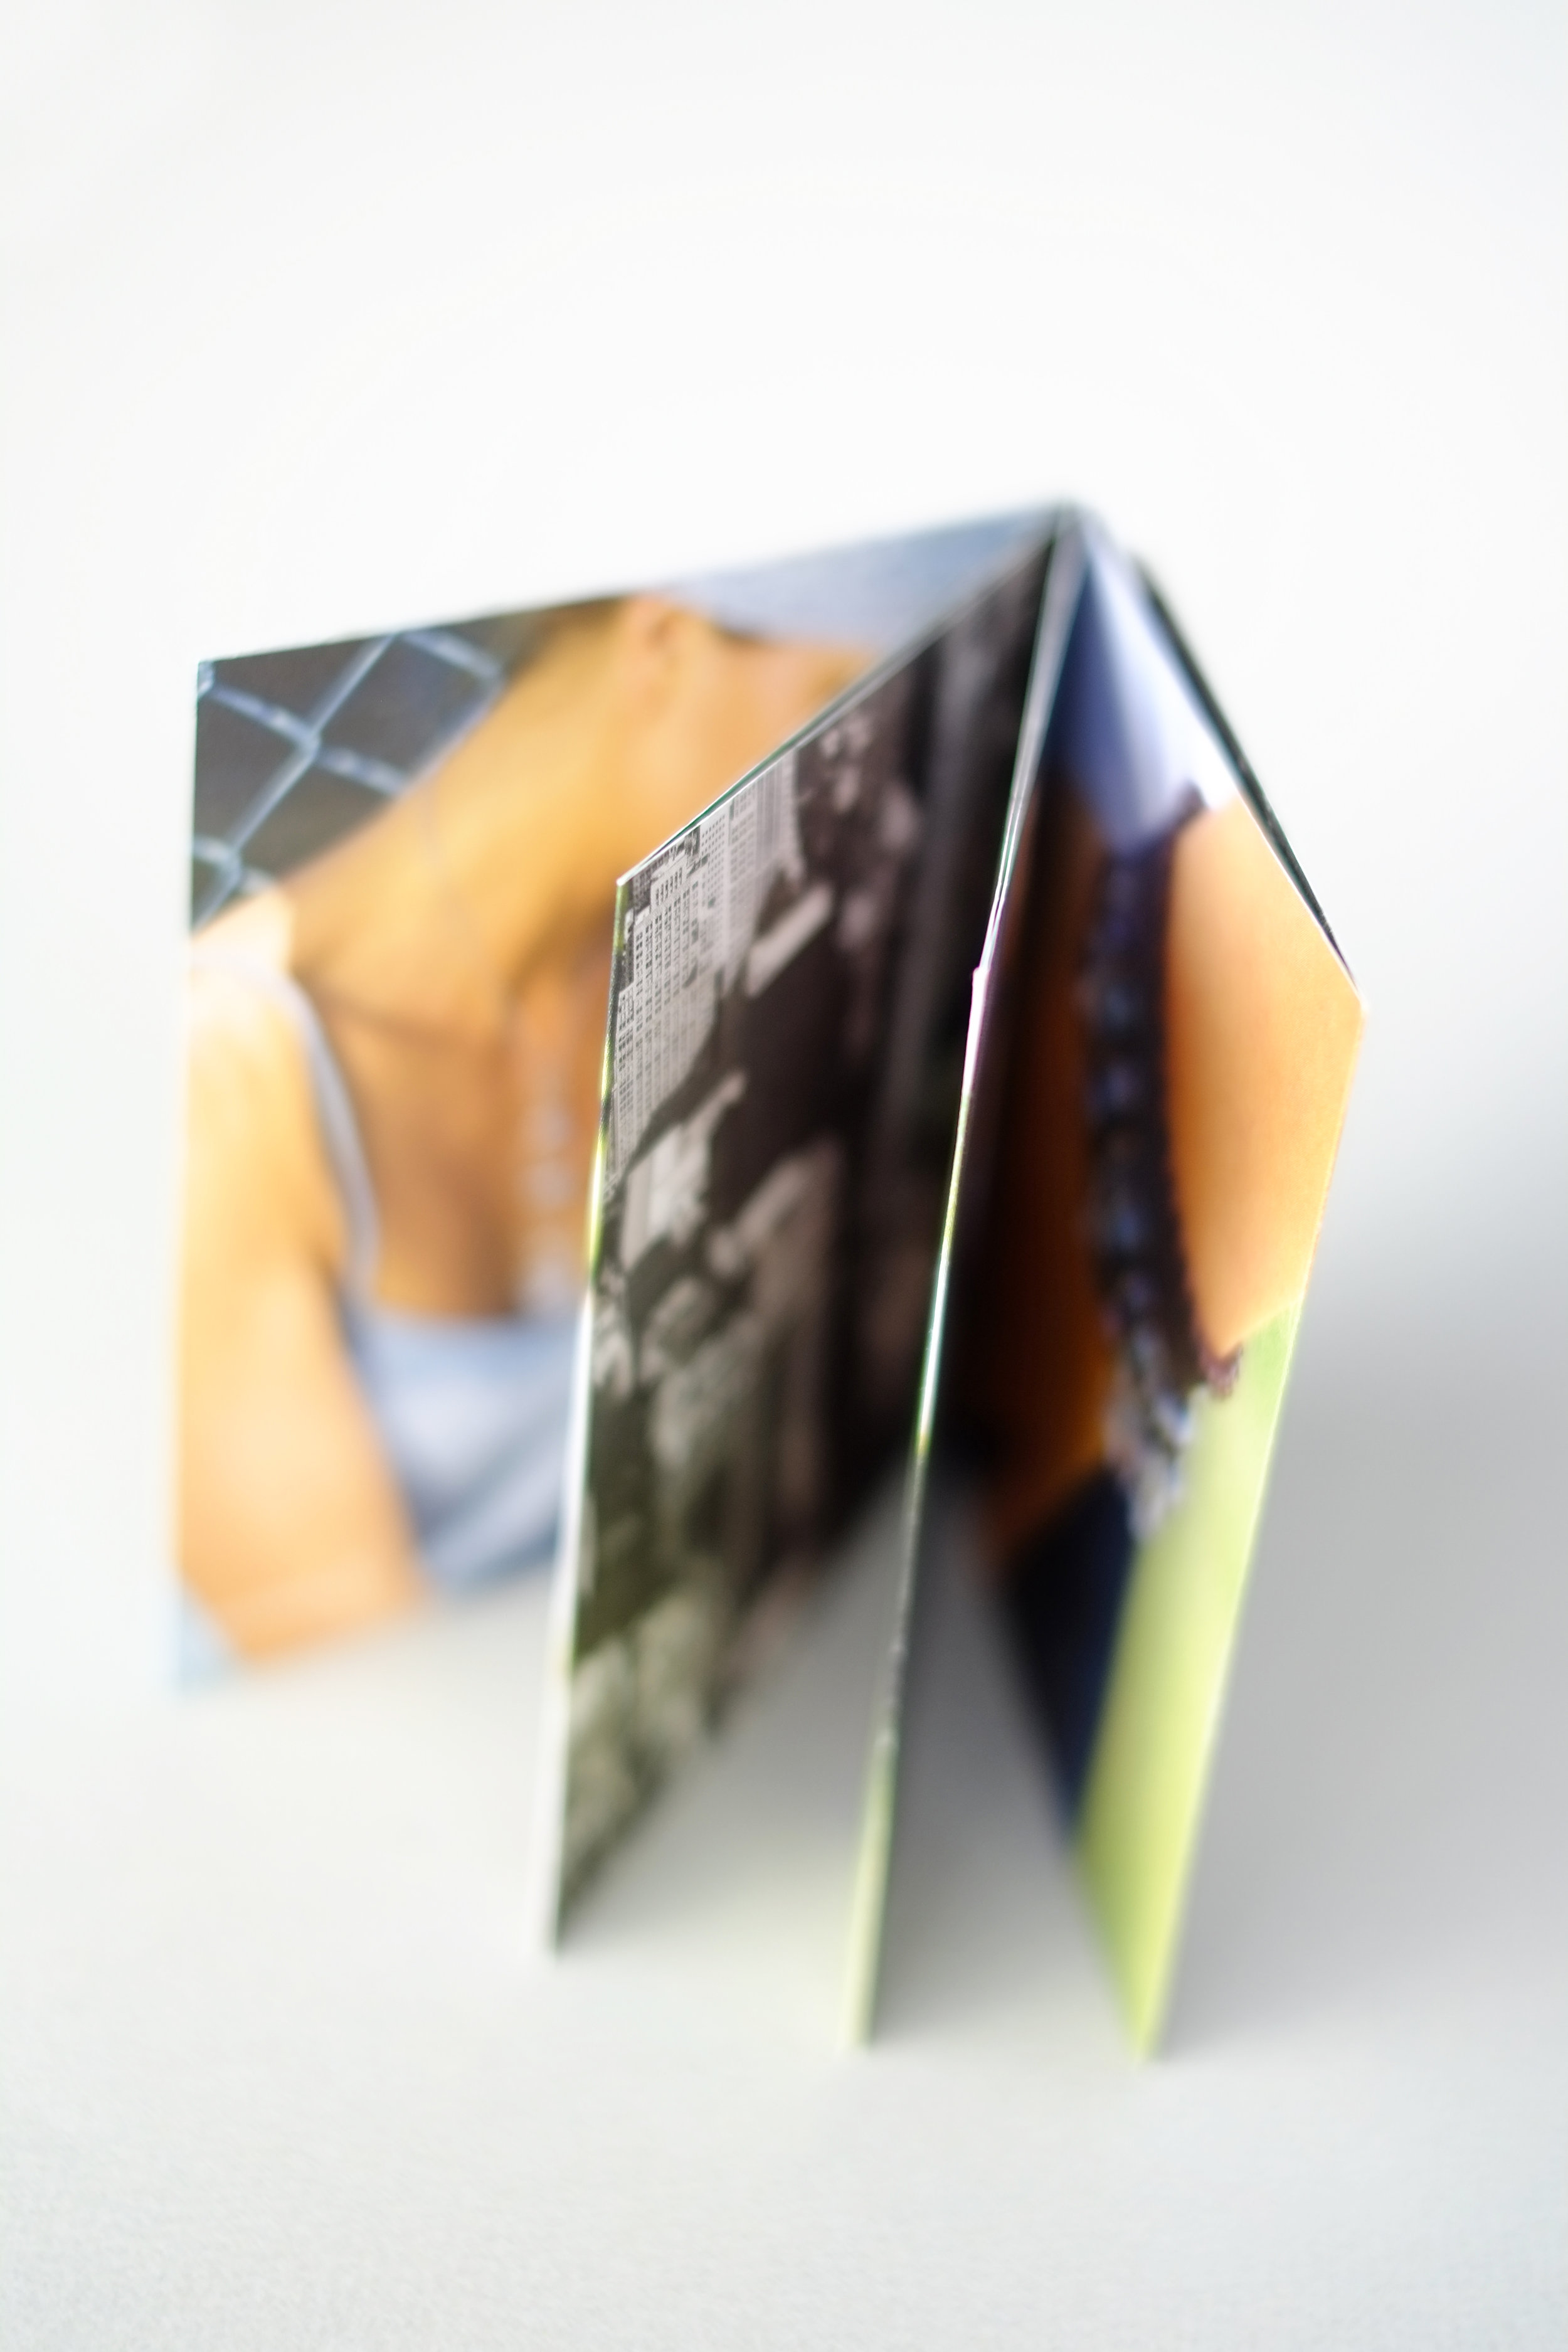 brochure_MissDee_2_DSCF8865.jpg